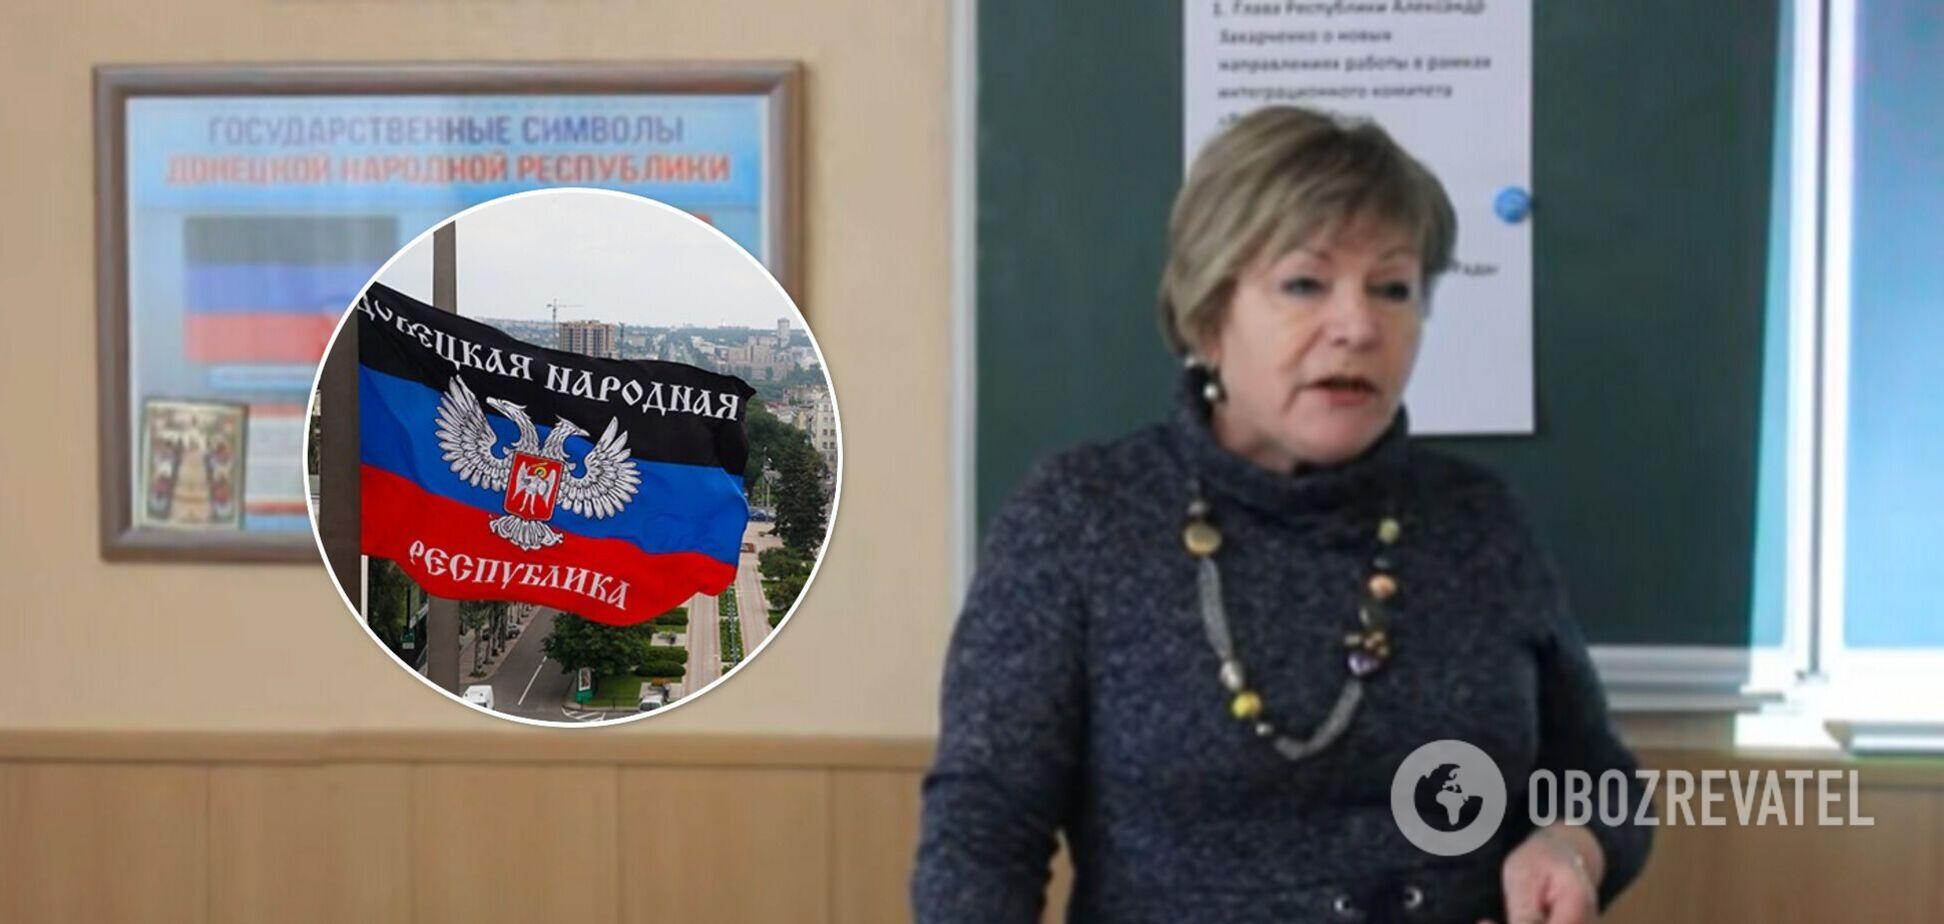 Сотрудничавшая с оккупантами на Донбассе учительница устроилась в ВУЗ-переселенец. Фото, видео и детали скандала